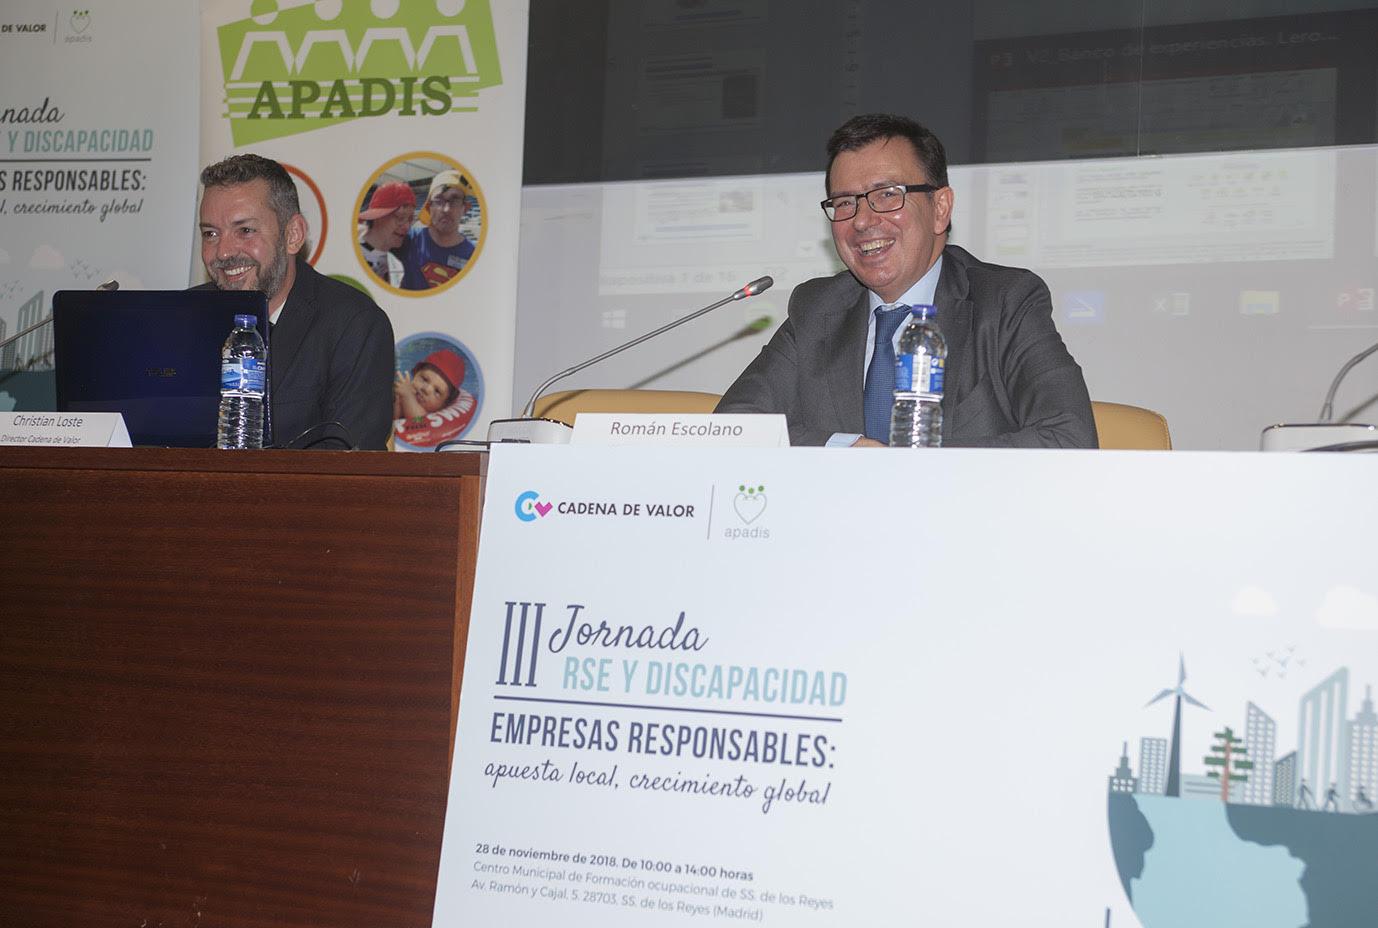 III Jornada RSE